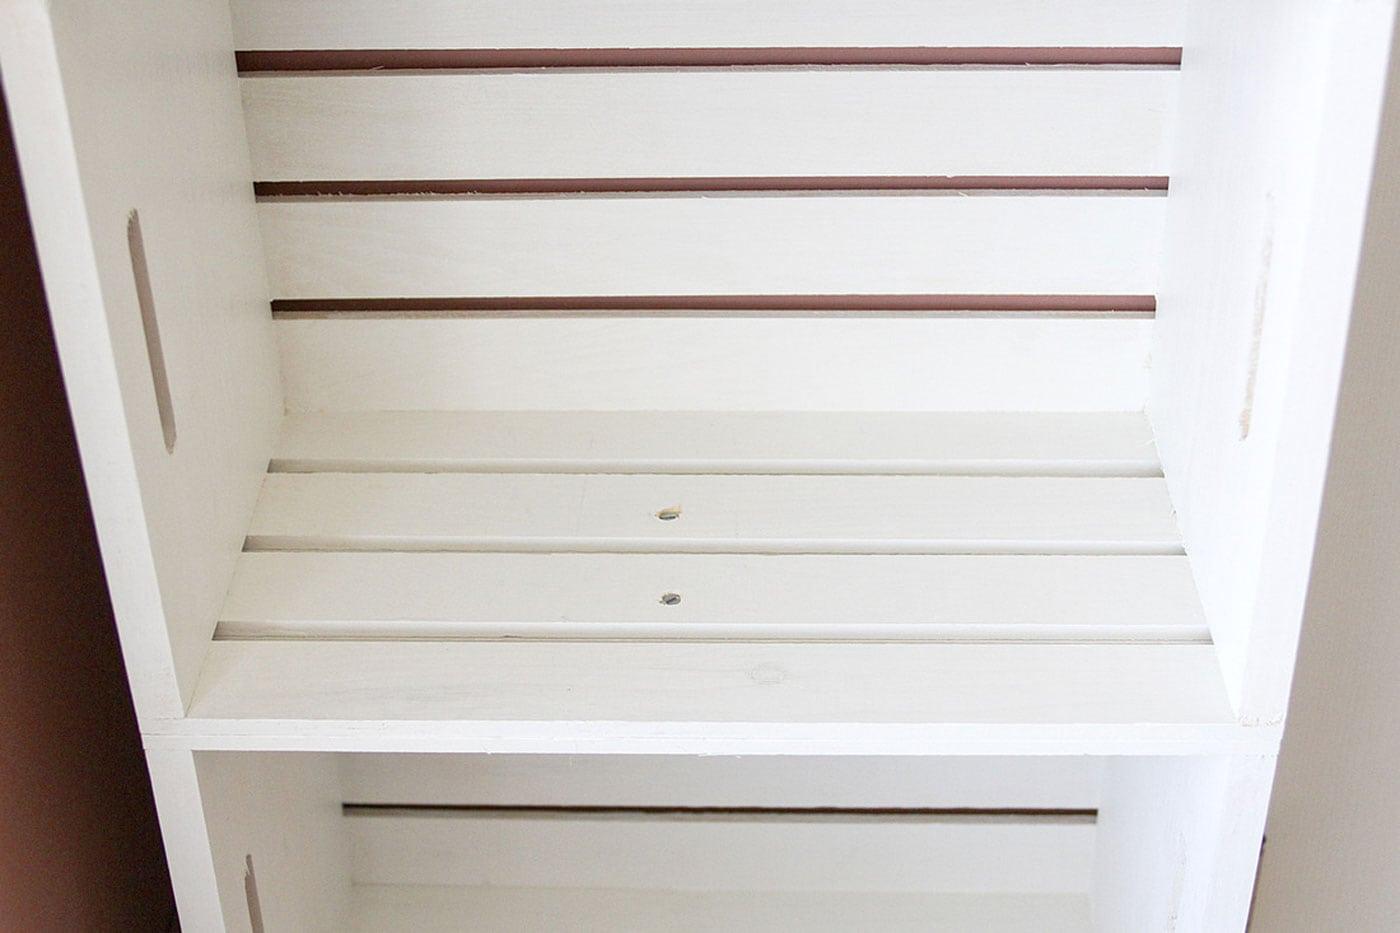 DIY-Kinderzimmer-Regal aus Kisten bauen // HIMBEER